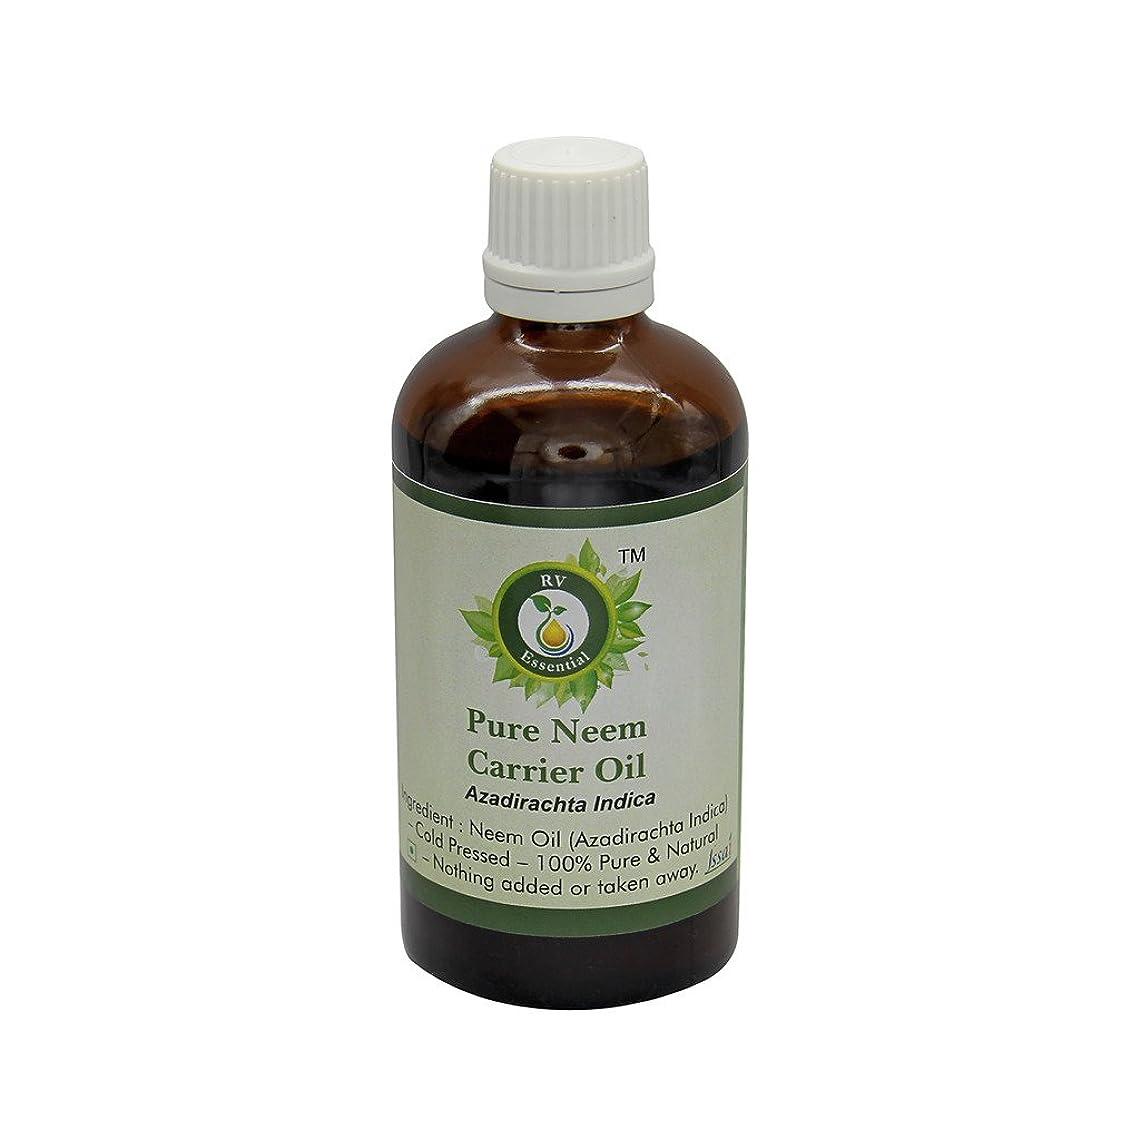 請求可能創造群集R V Essential 純Neemキャリアオイル50ml (1.69oz)- Azadirachta Indica (100%ピュア&ナチュラルコールドPressed) Pure Neem Carrier Oil